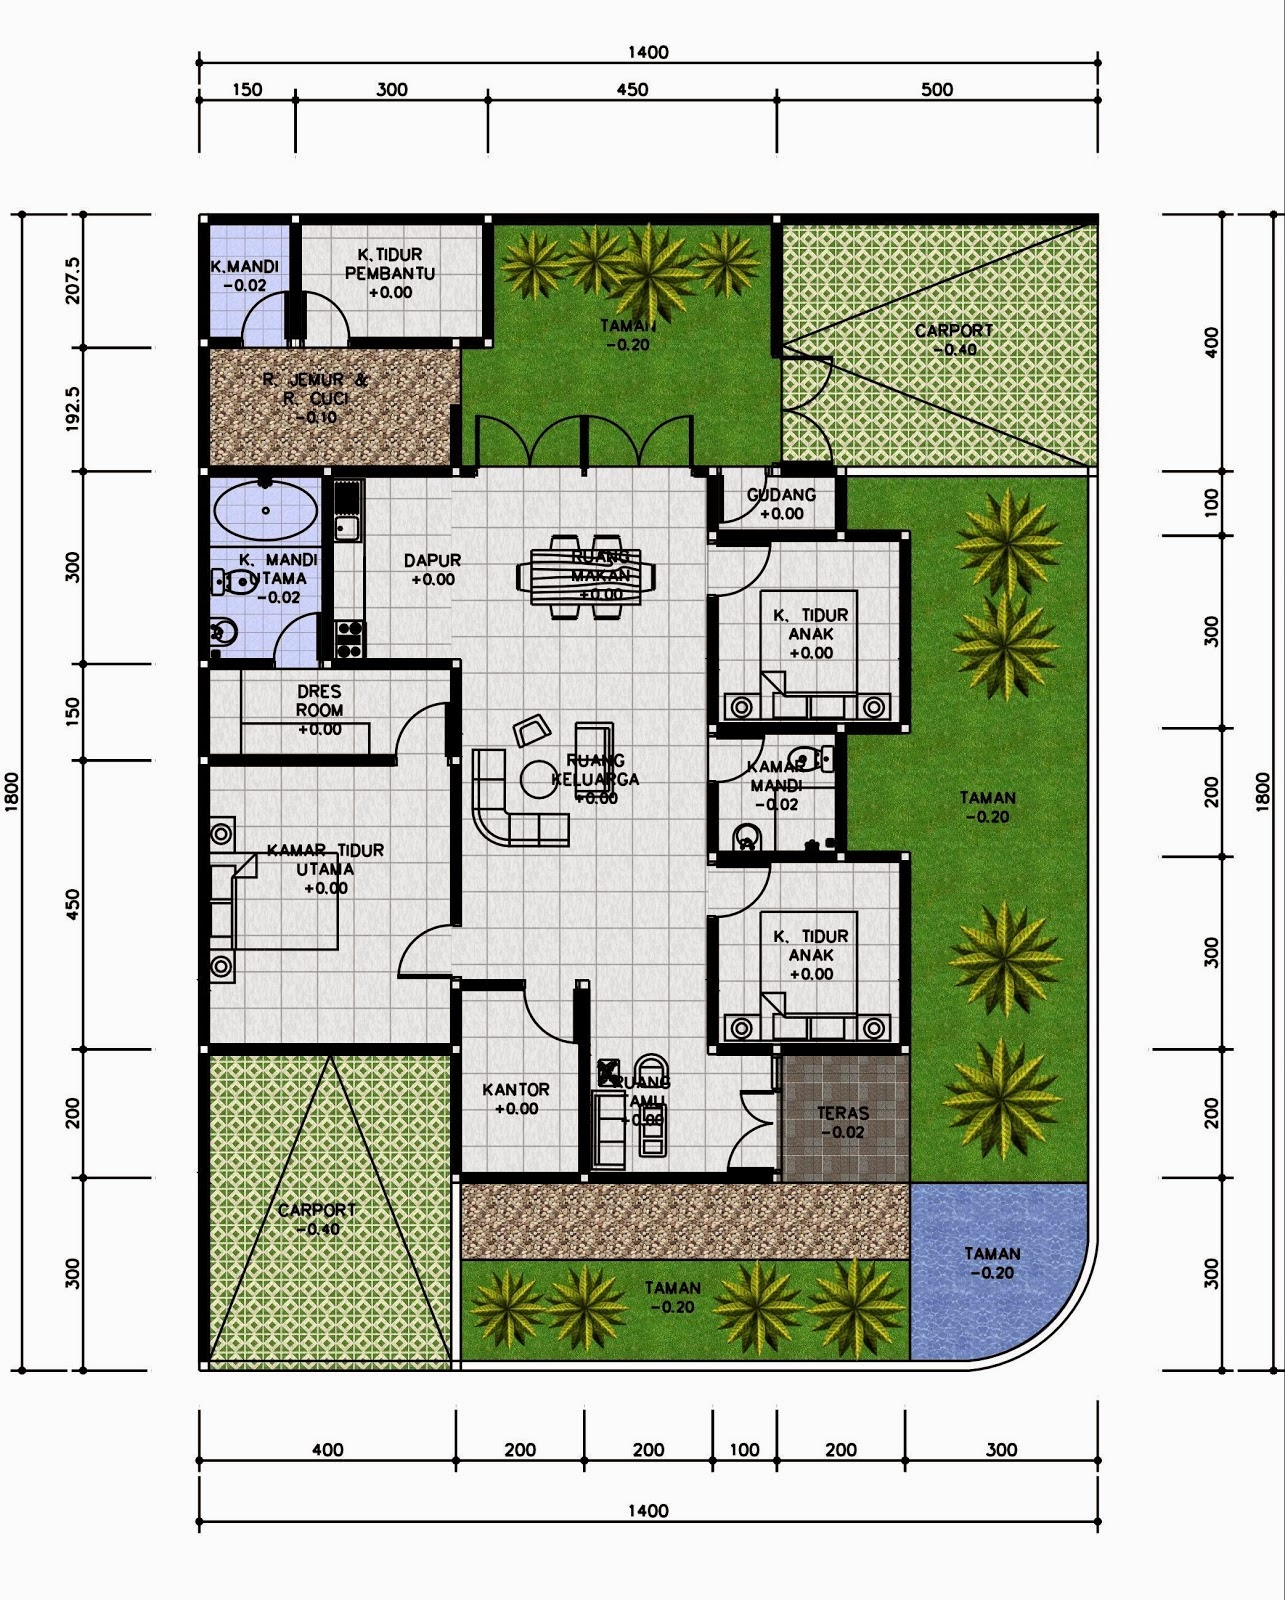 Rumah Minimalis 9x7 Arsitek Rumahan